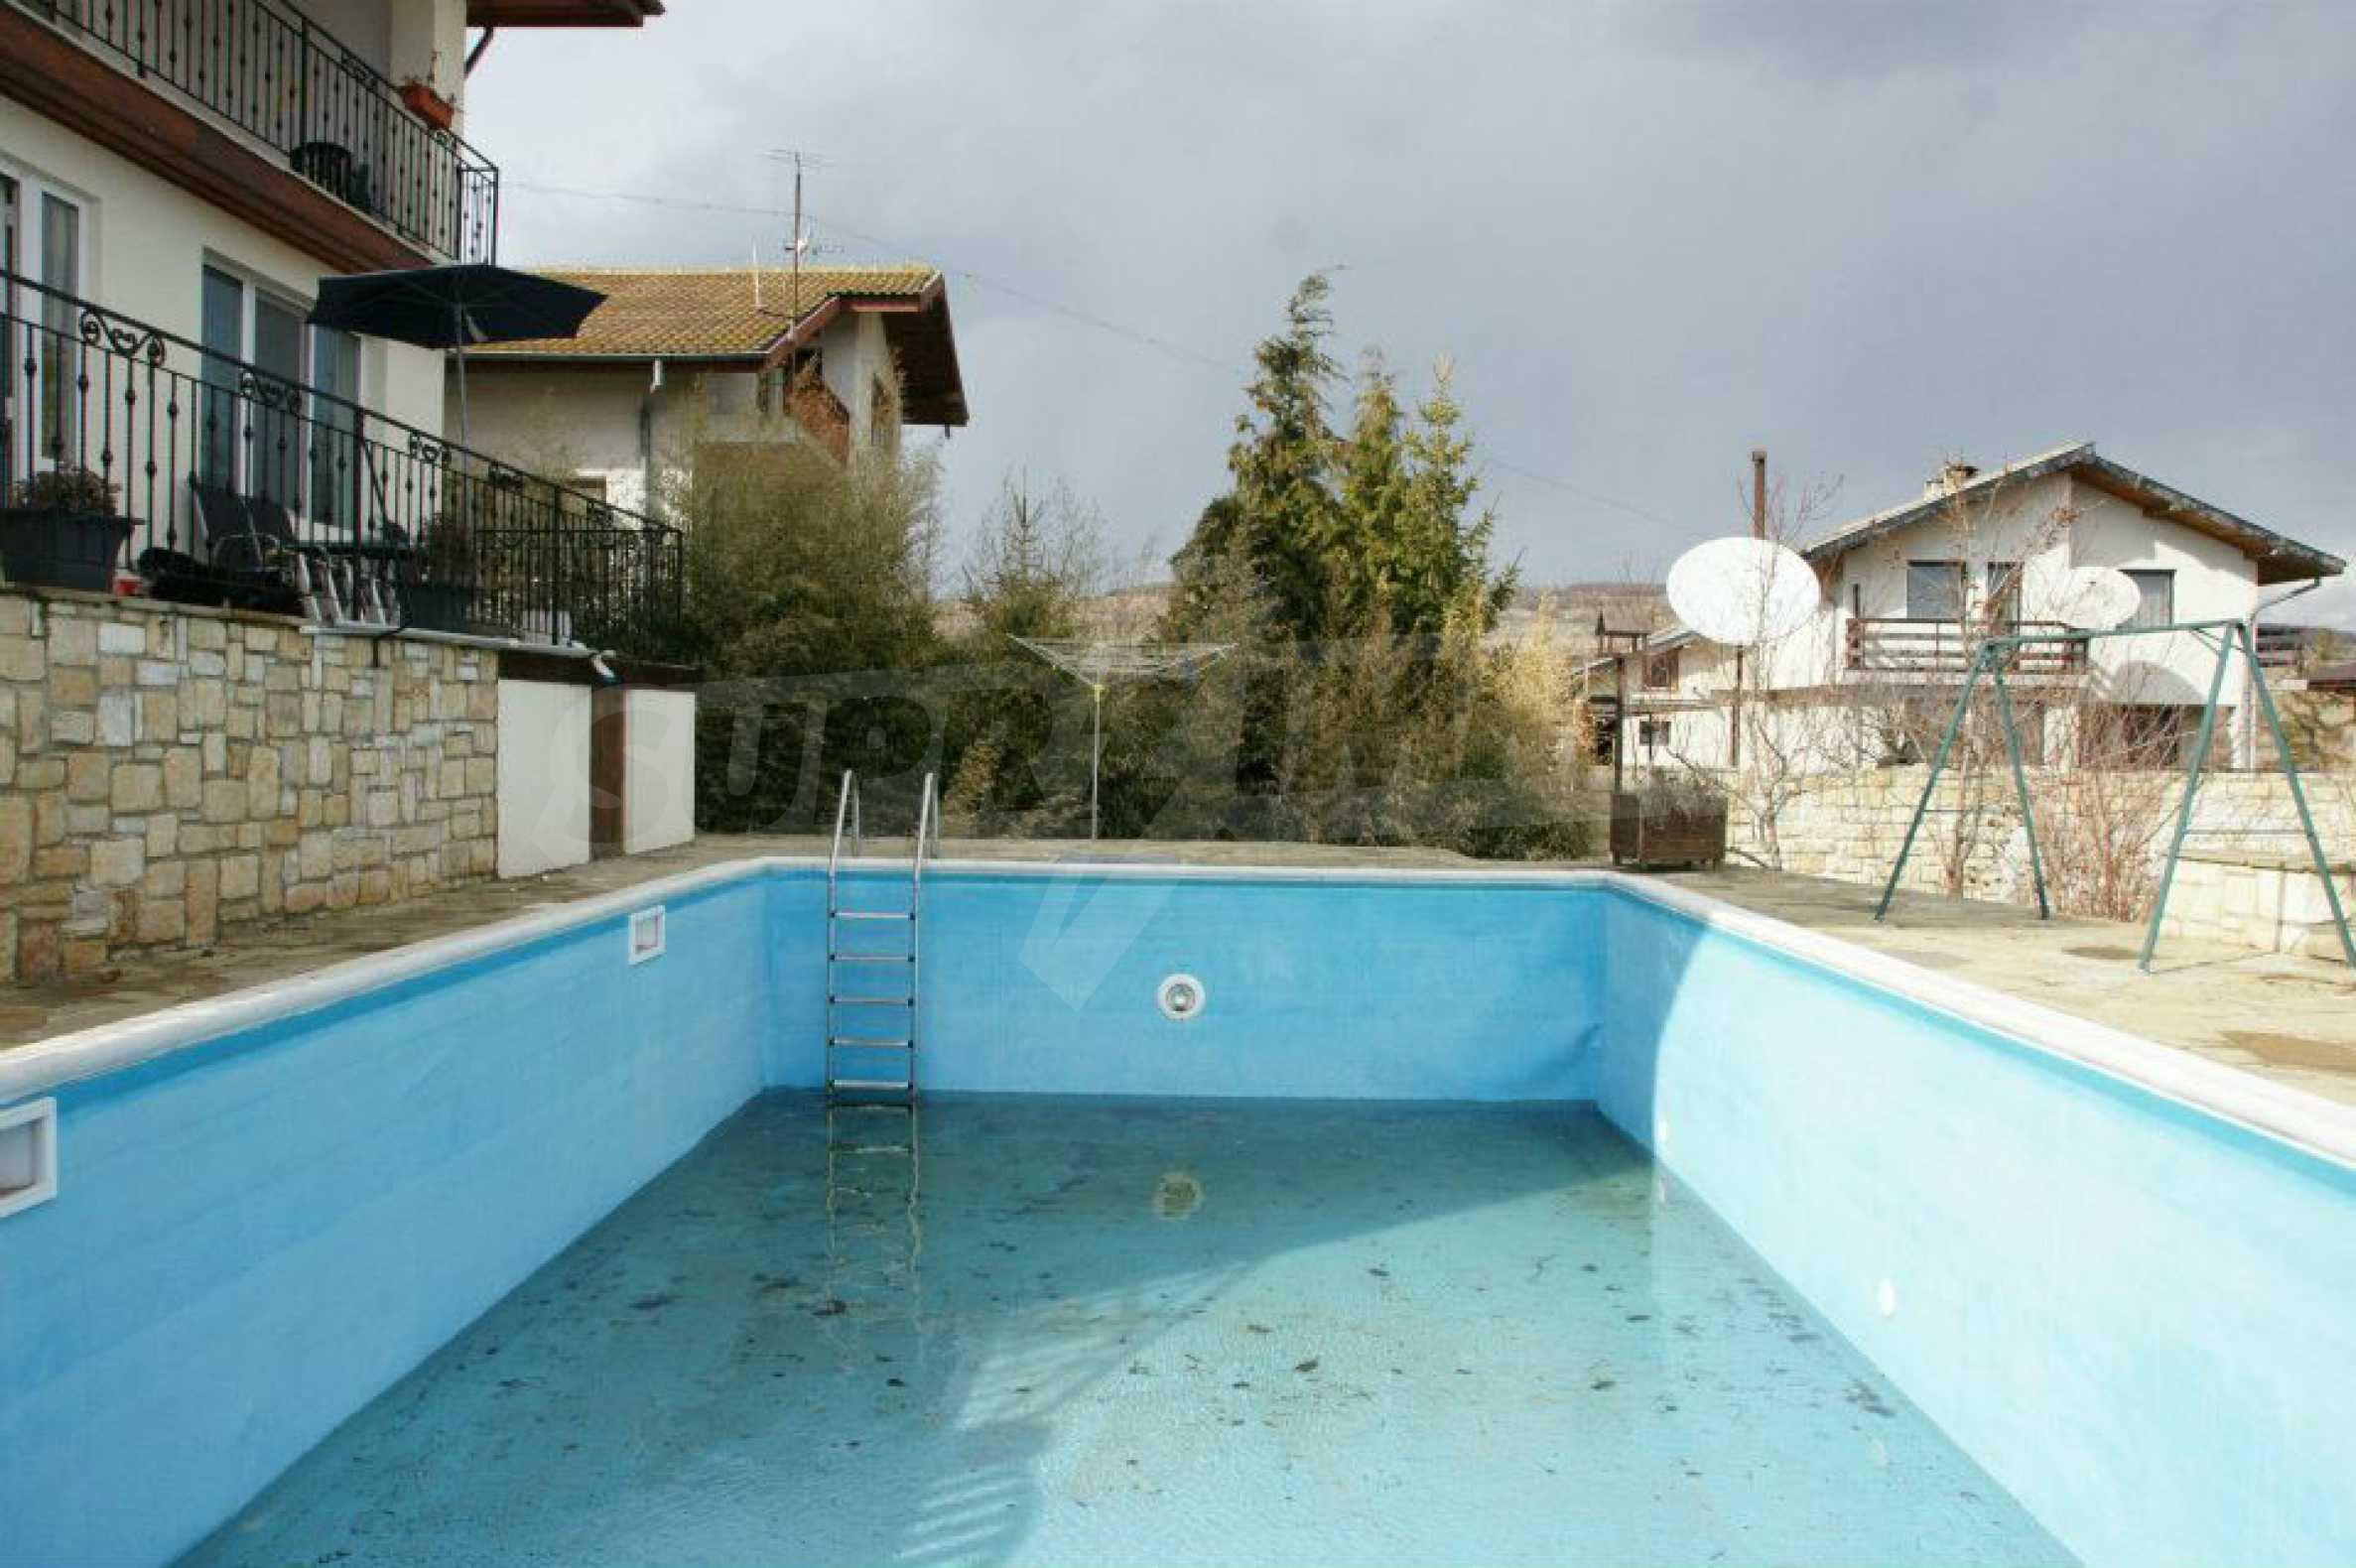 Zweistöckiges Haus mit Pool und Meerblick in der Nähe von Varna 30